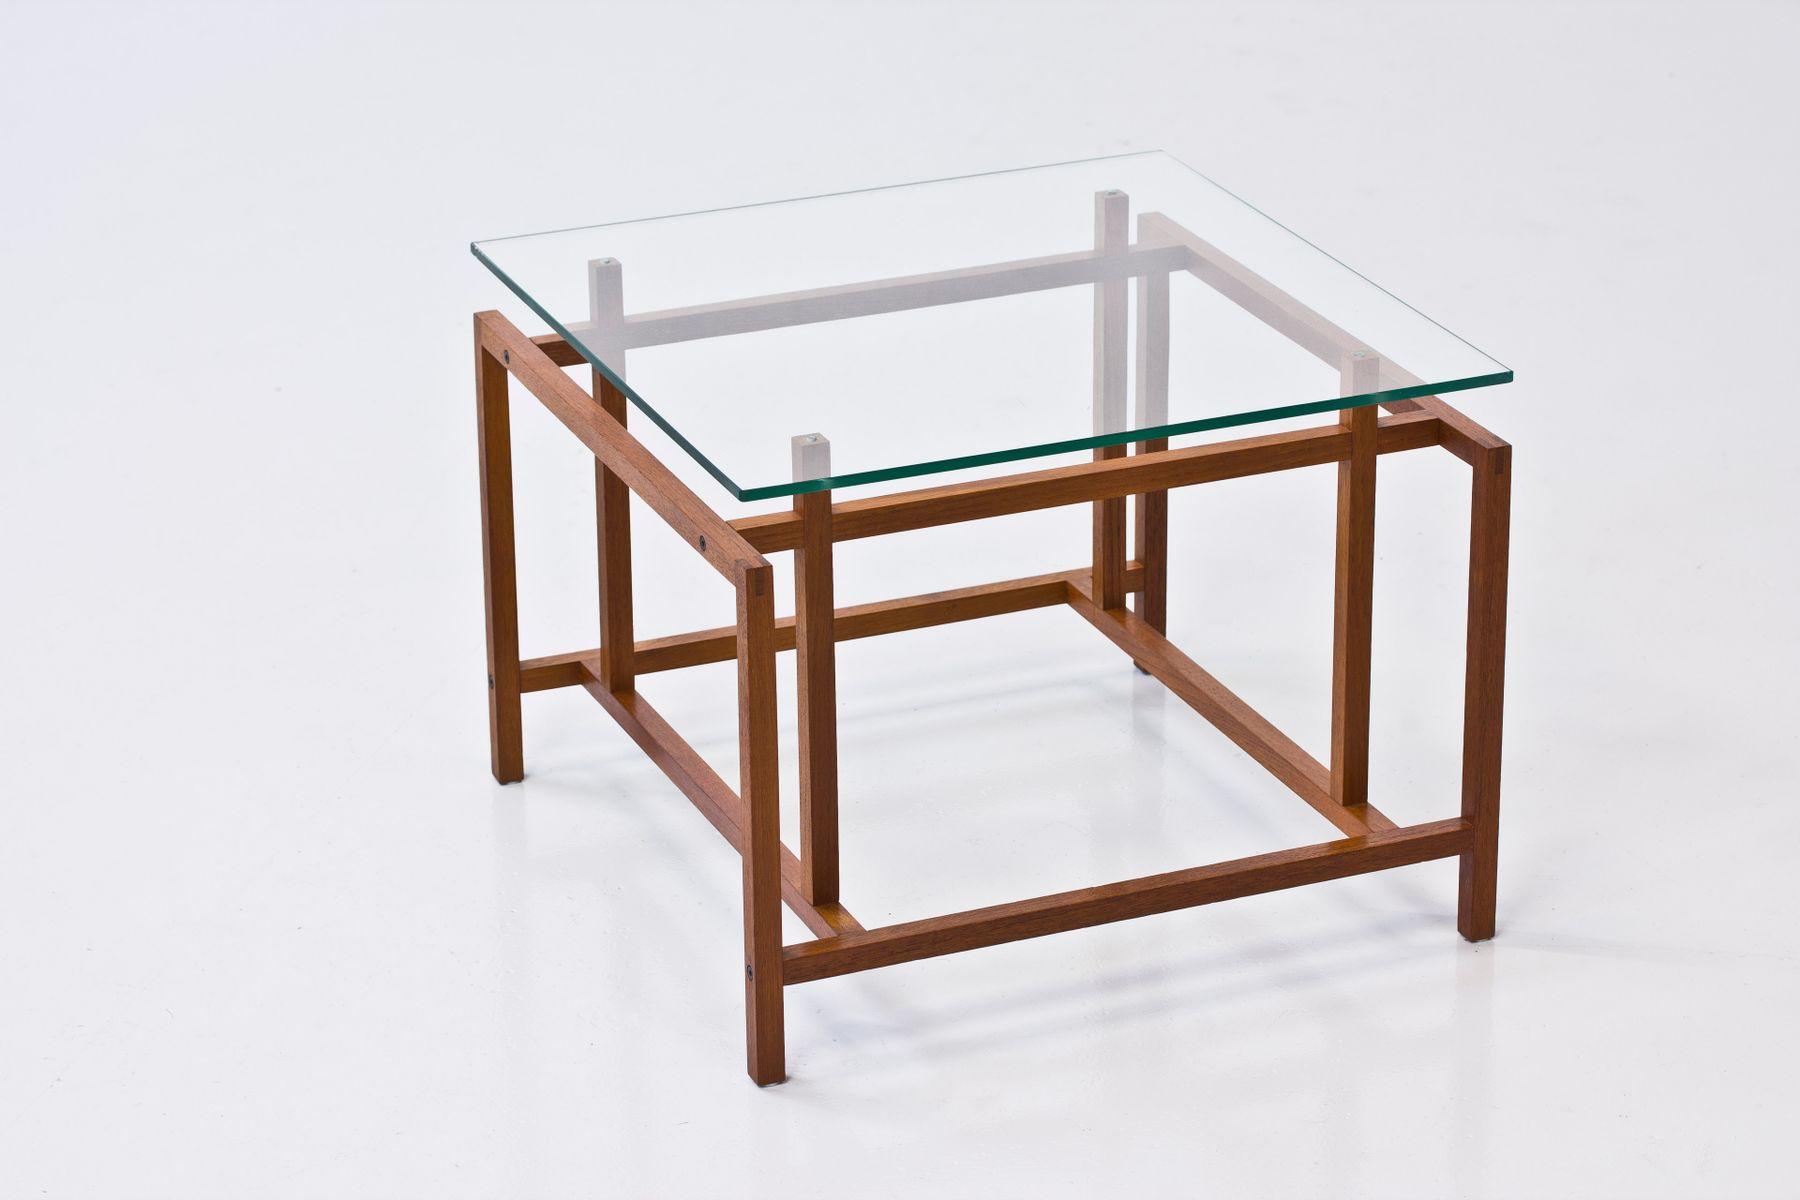 beistelltisch von henning n rgaard f r komfort 1960er bei pamono kaufen. Black Bedroom Furniture Sets. Home Design Ideas